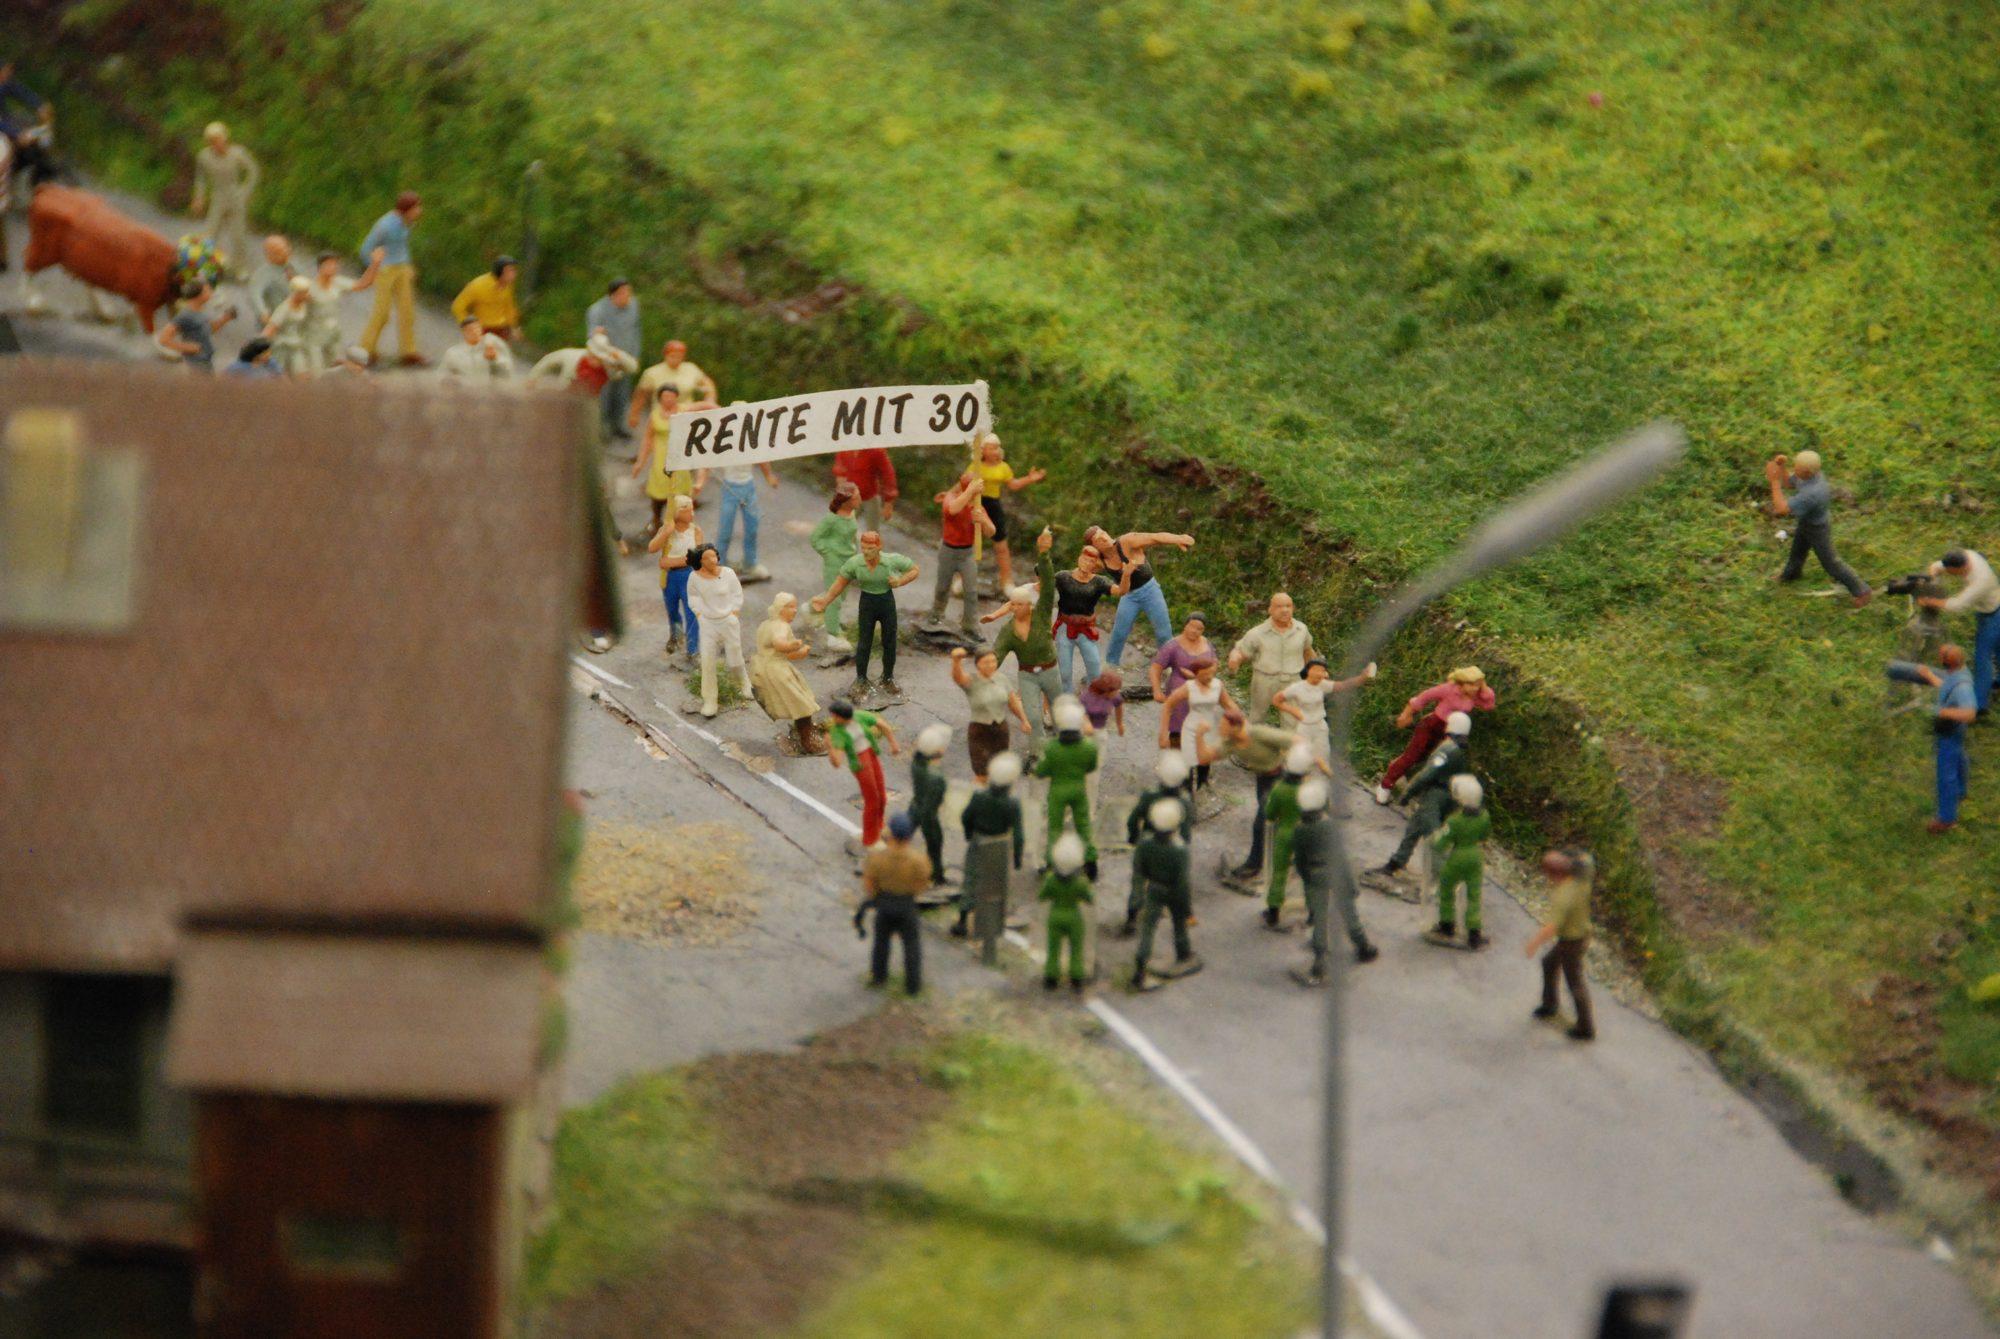 Hamburg - Miniatur Wunderland, Rente mit 30